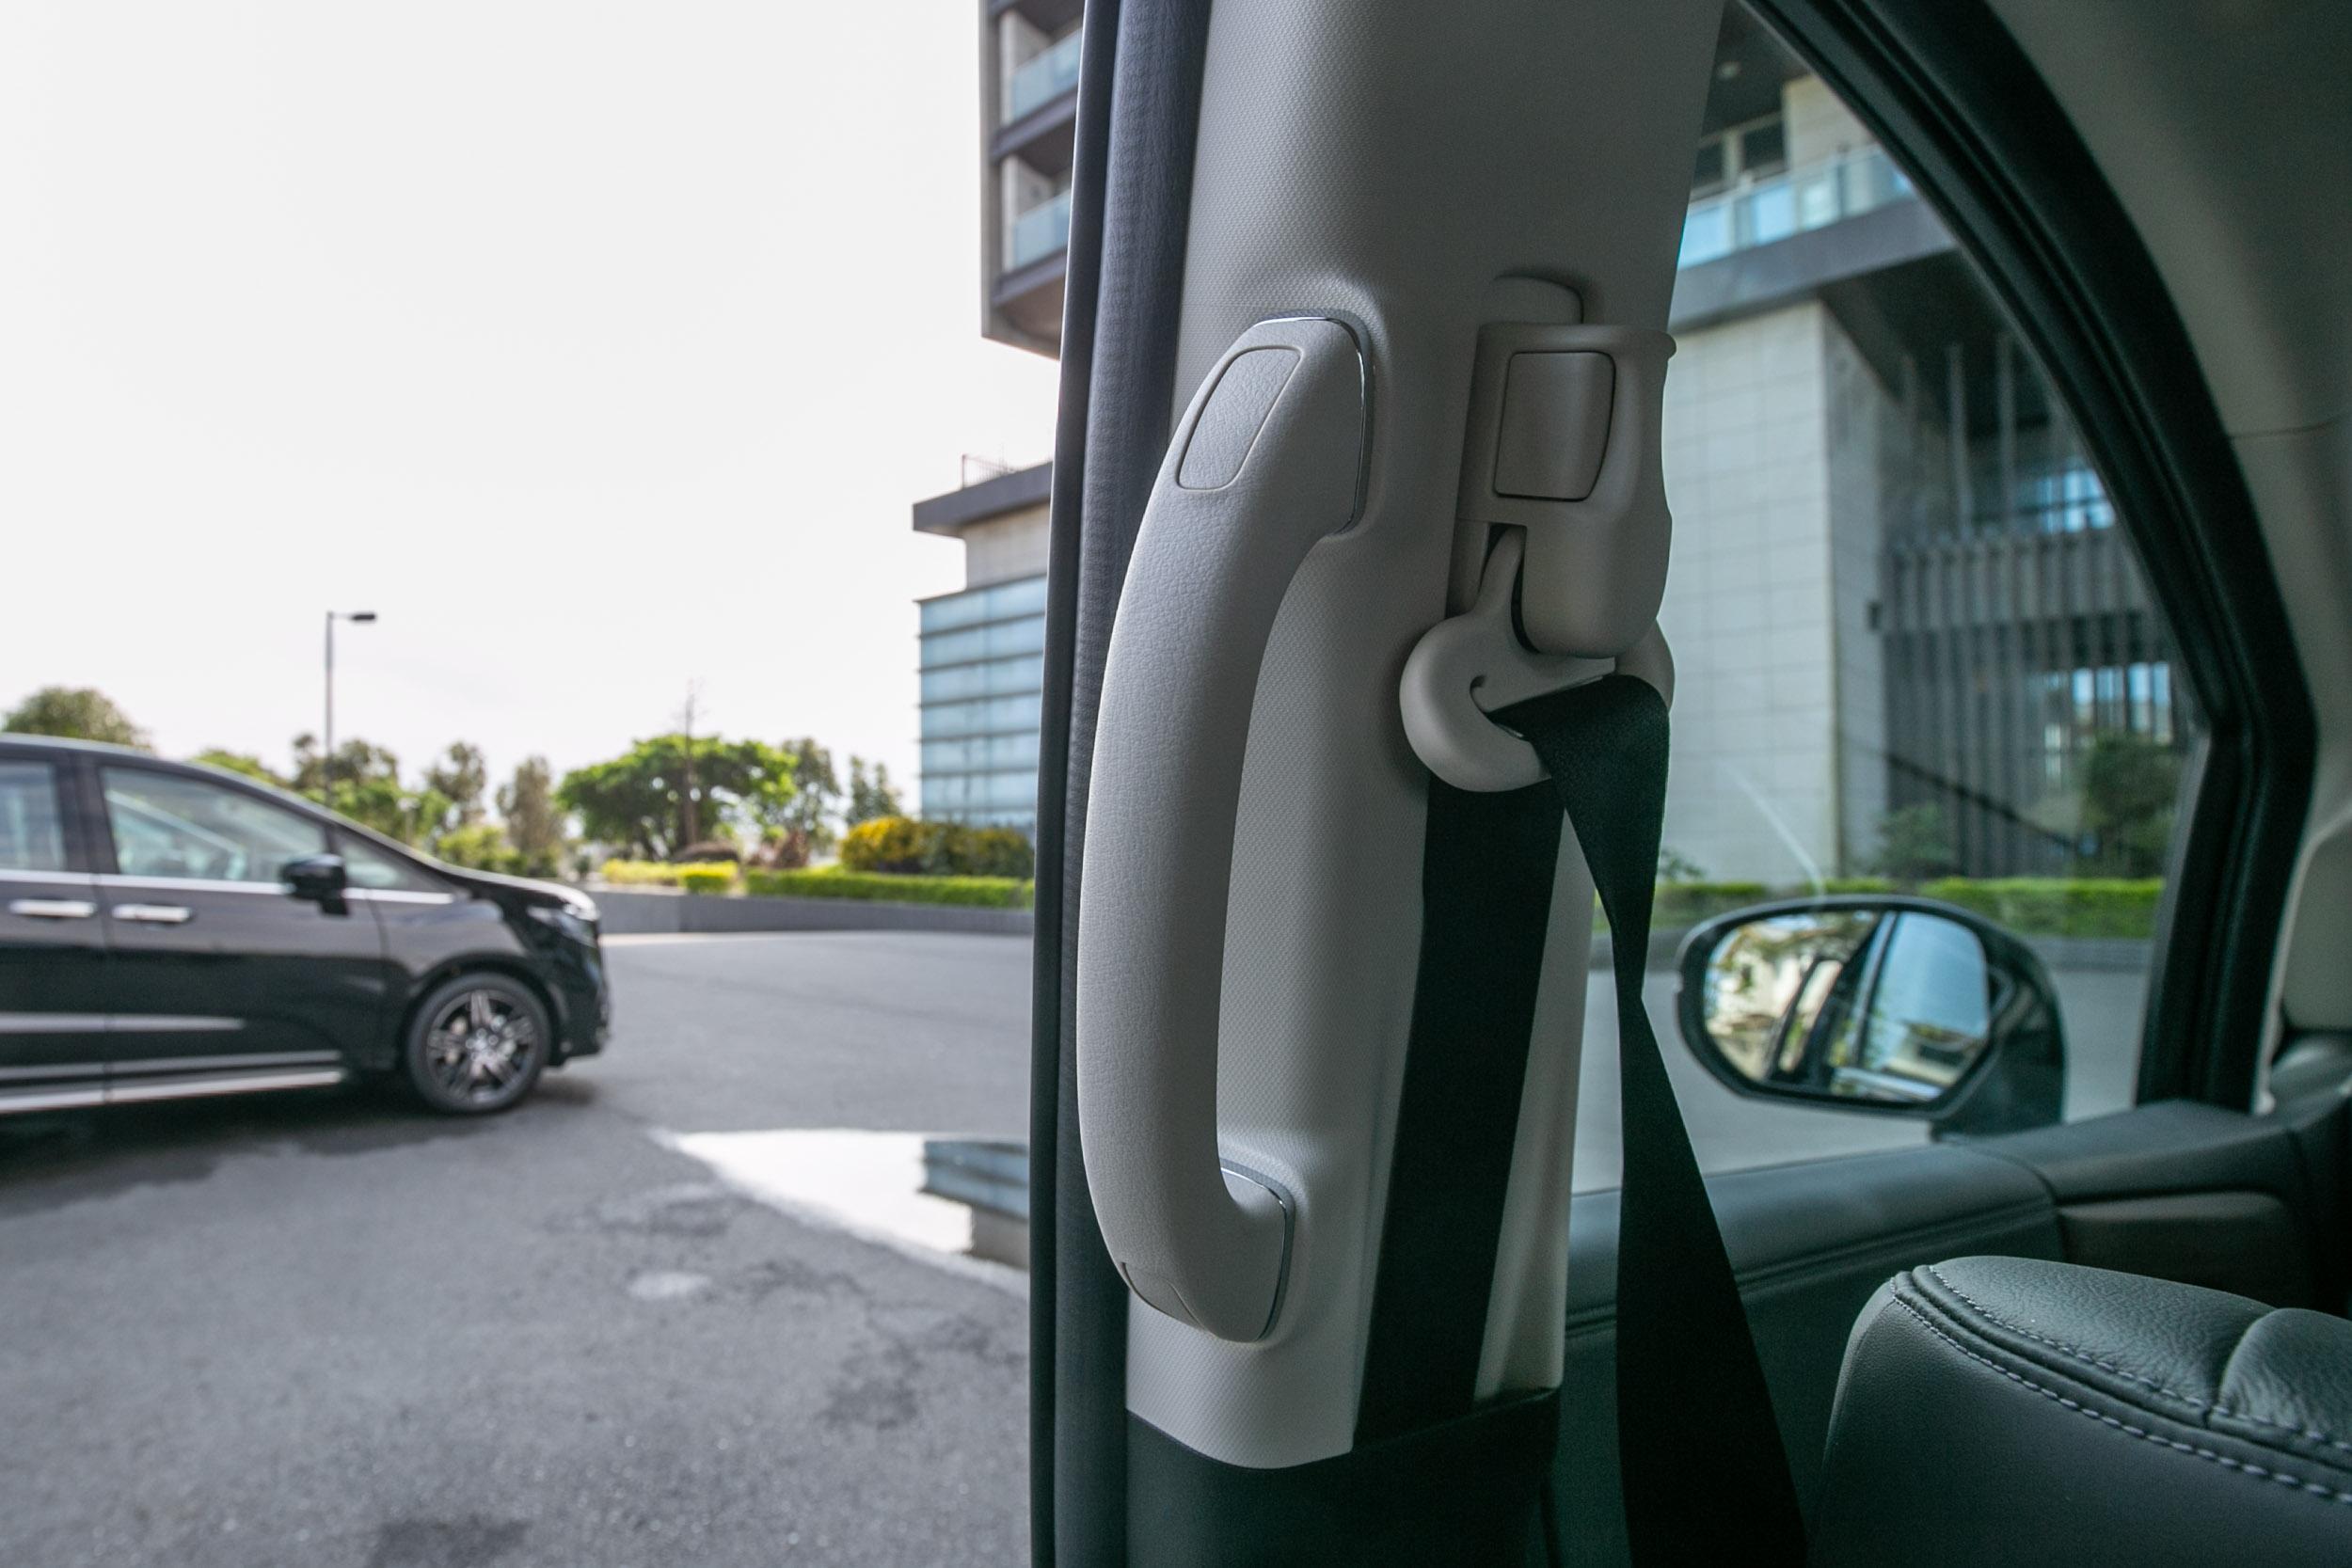 B 柱後方有著頗大的扶手,對於登車/下車動作便於輔助握持。